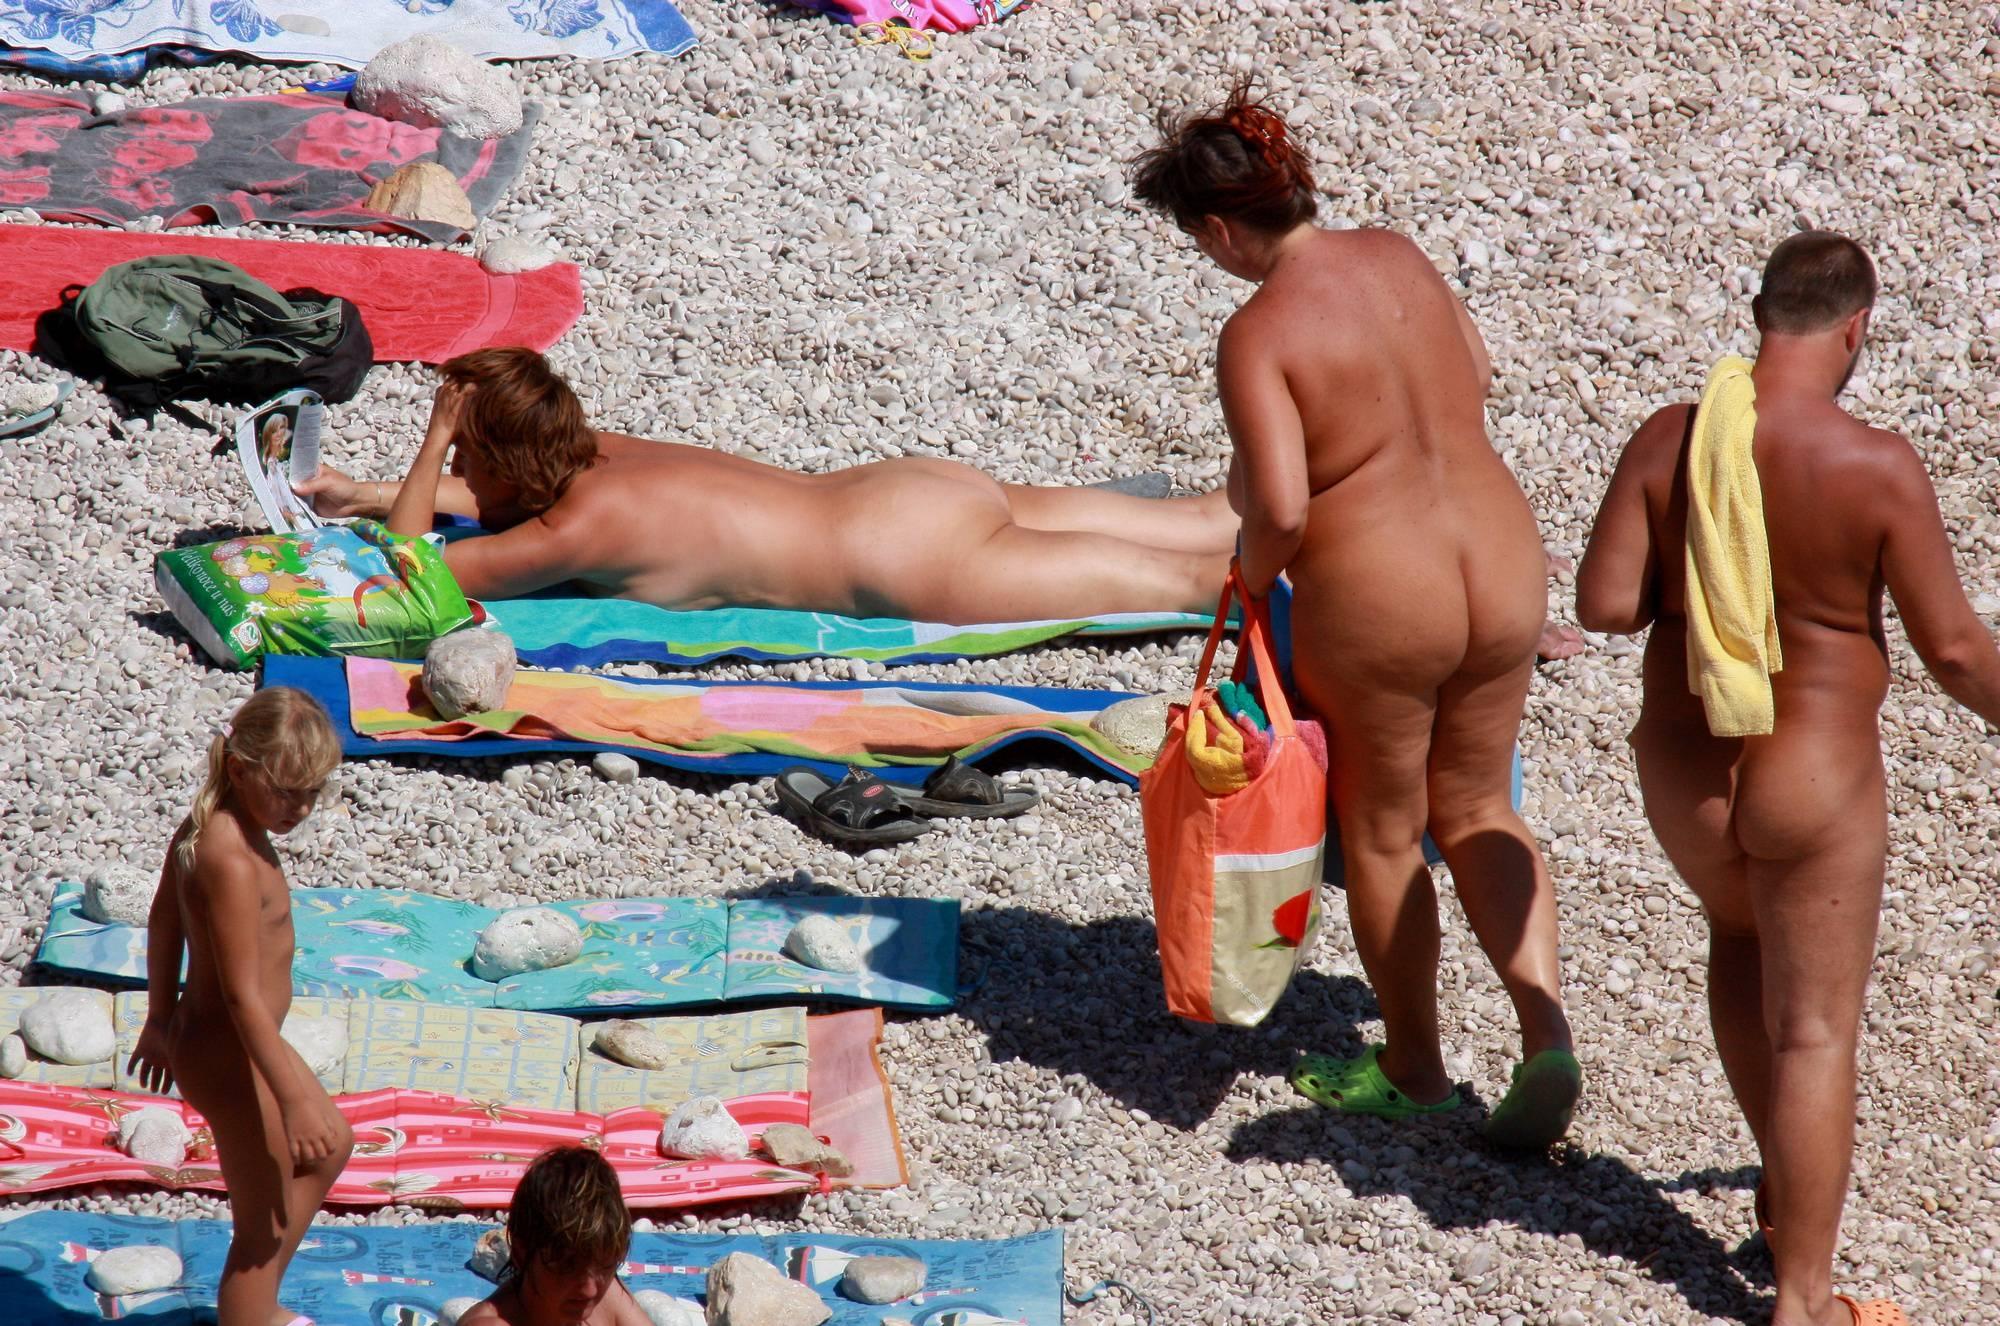 Follow Nude Beach Family - 2